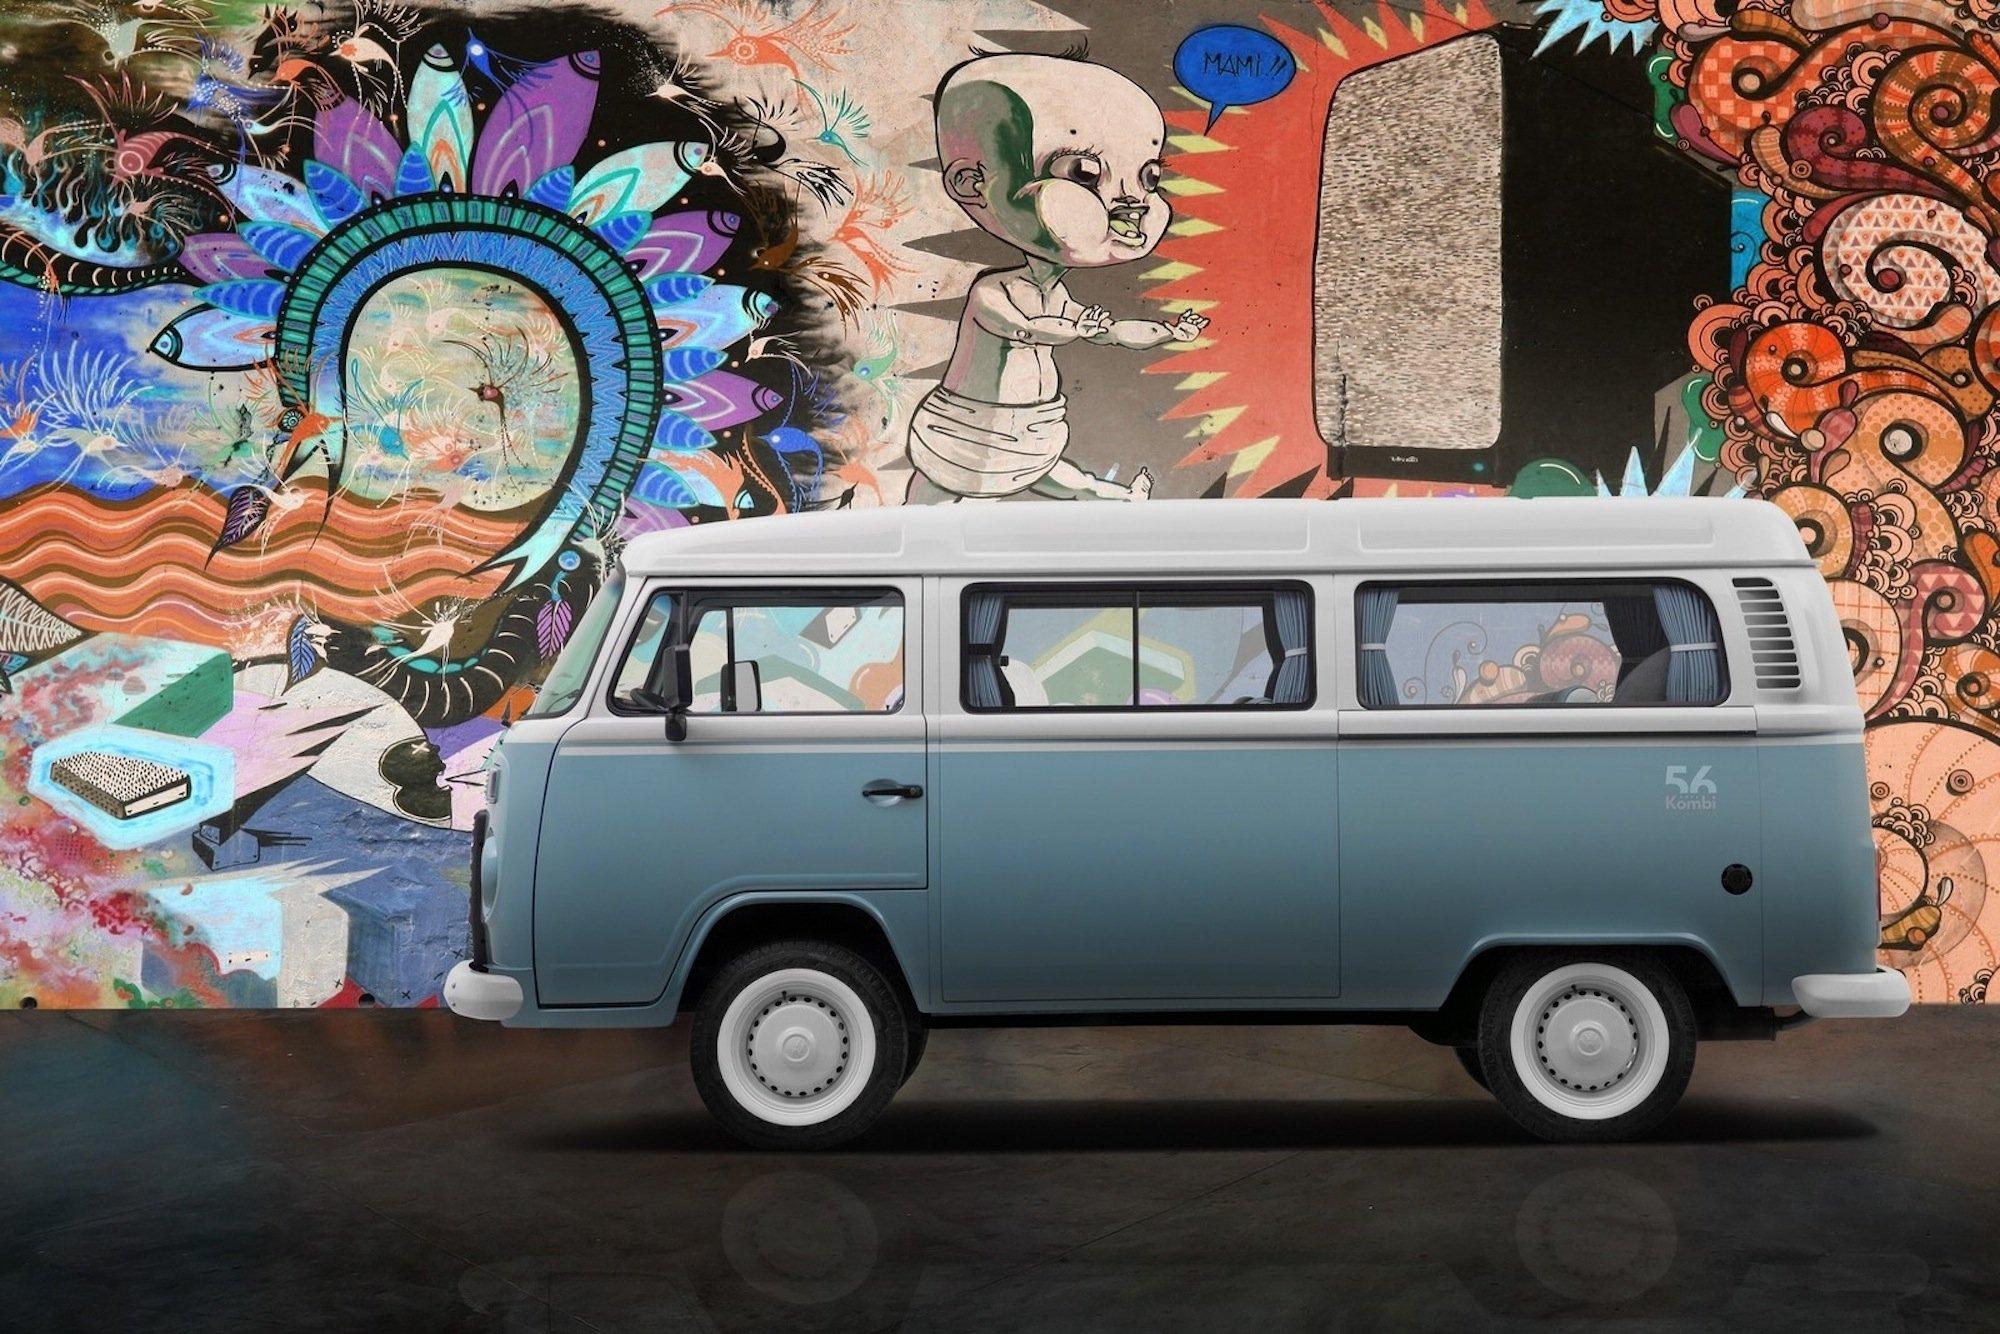 Nach 56 Jahren hat das VW-Werk Sao Paulo Ende 2013 die Produktion des Bulli eingestellt. Zum Abschluss gab es eine Last Edition in Blau.